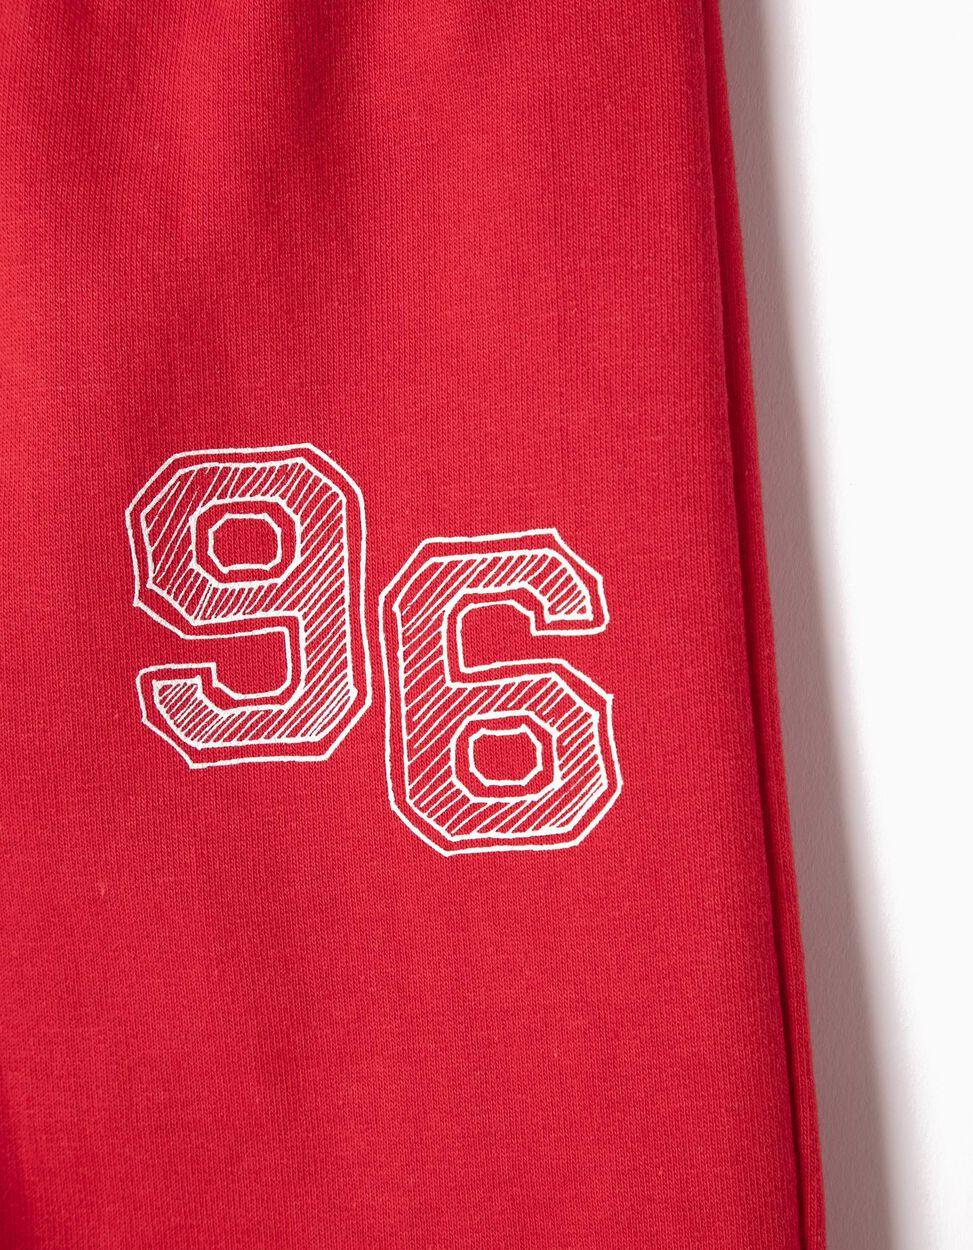 Calças de Treino 96 Vermelhas